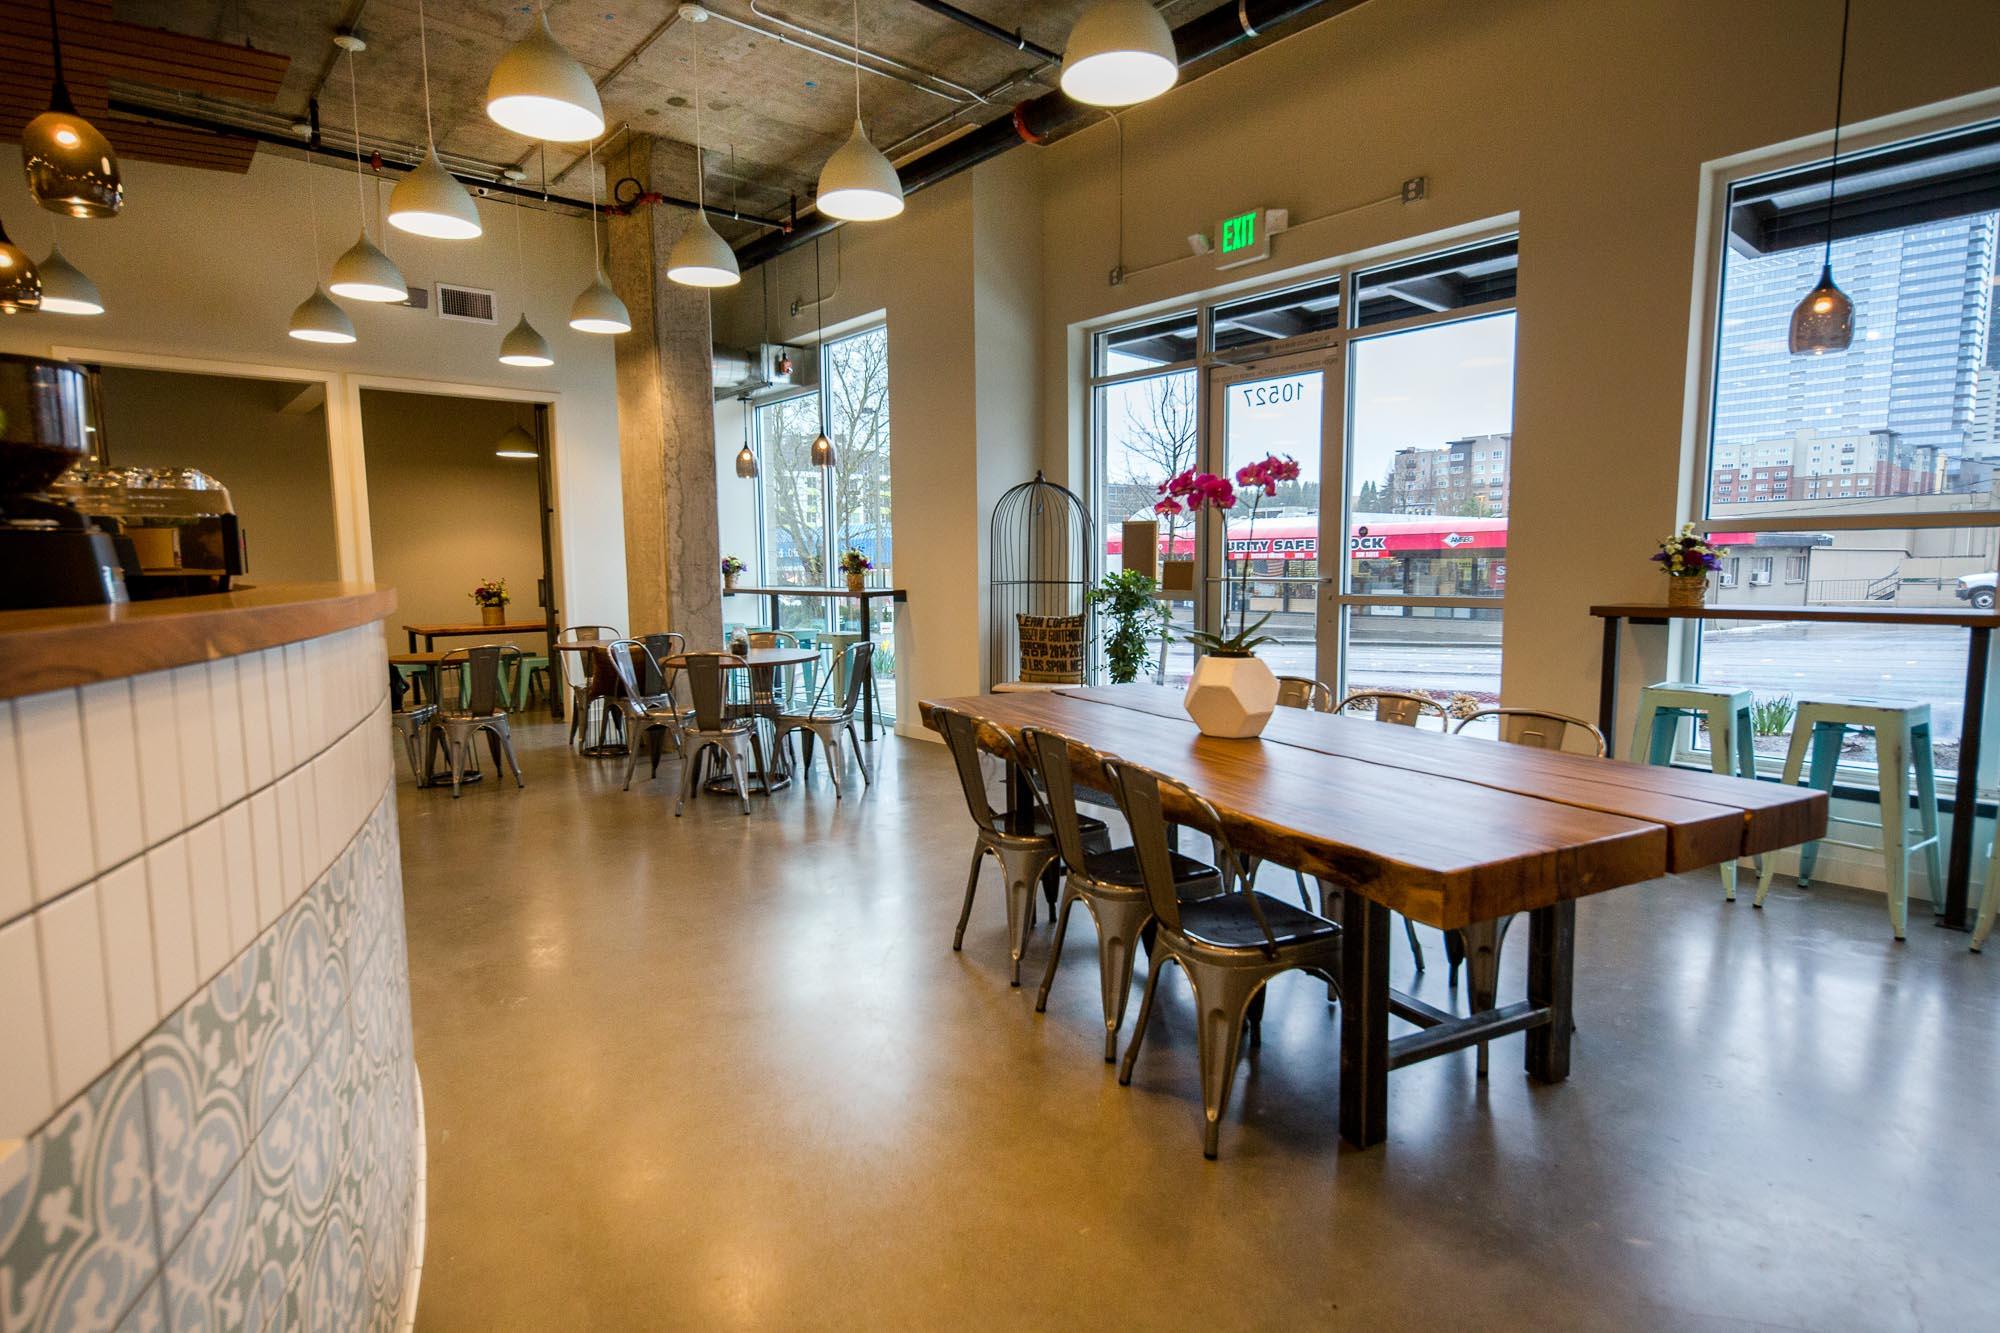 peek inside bellevue's new community-oriented coffee shop - eater